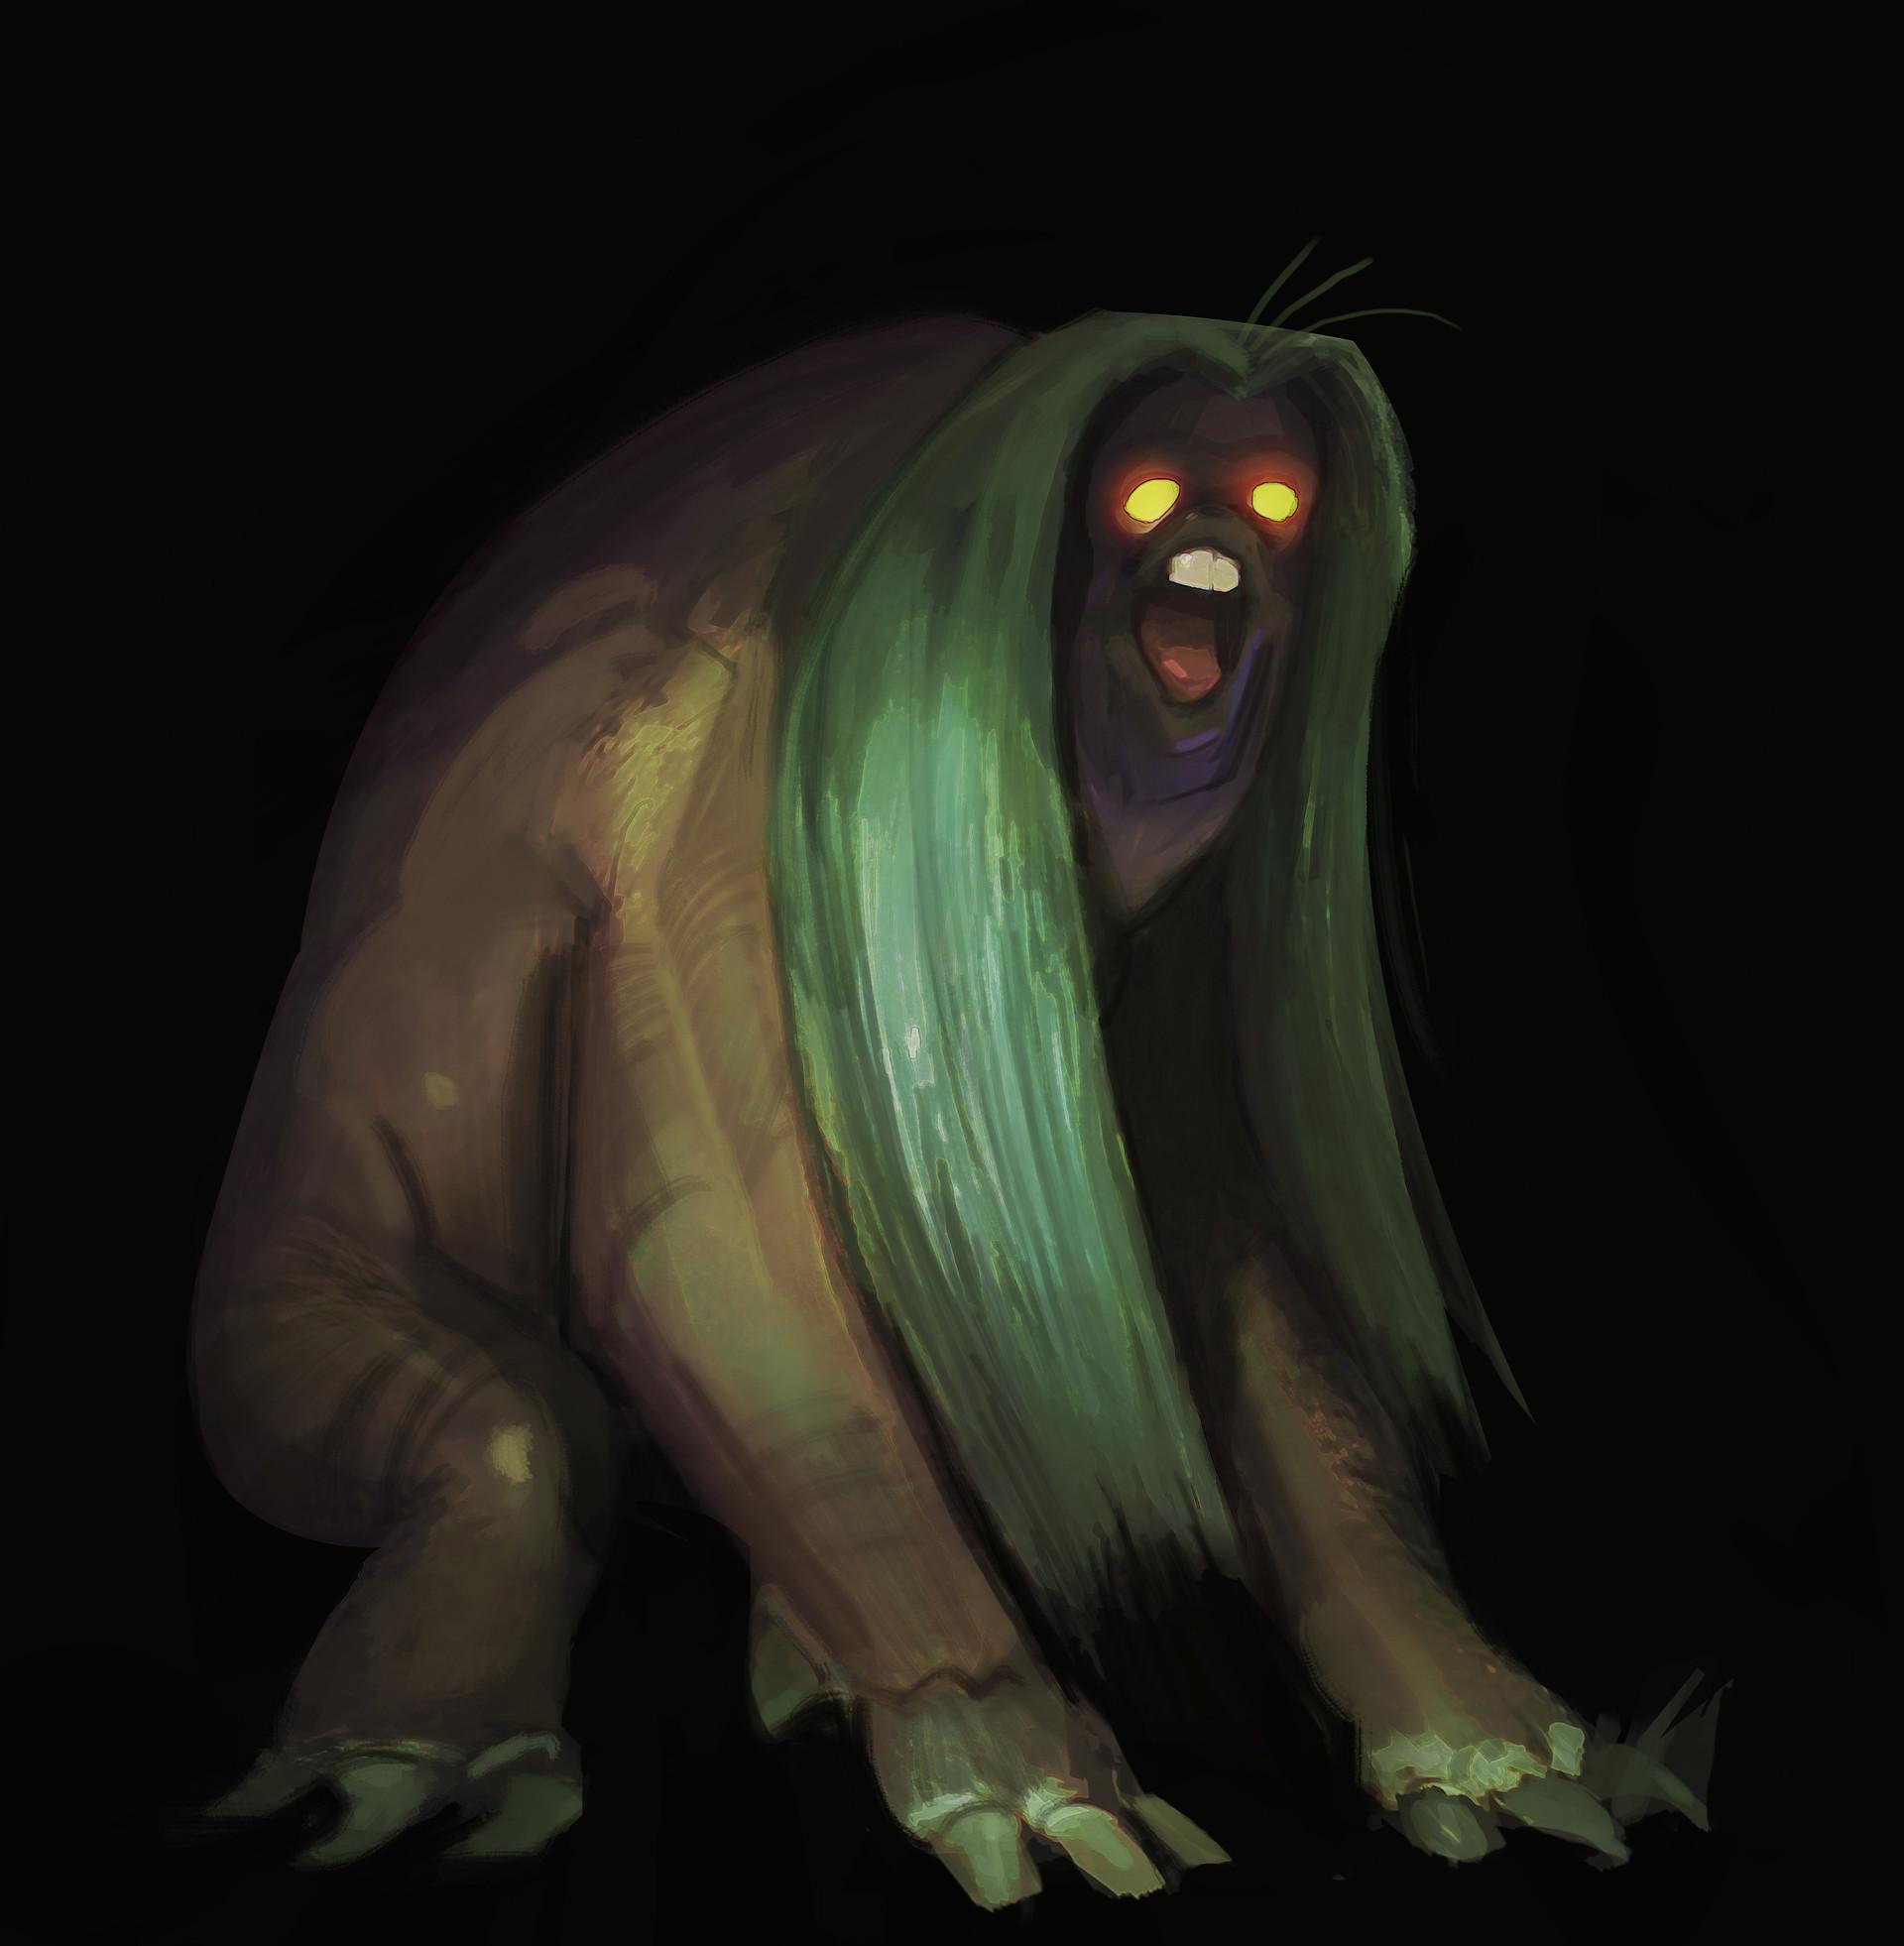 Drakhas oguzalp donduren creature design5